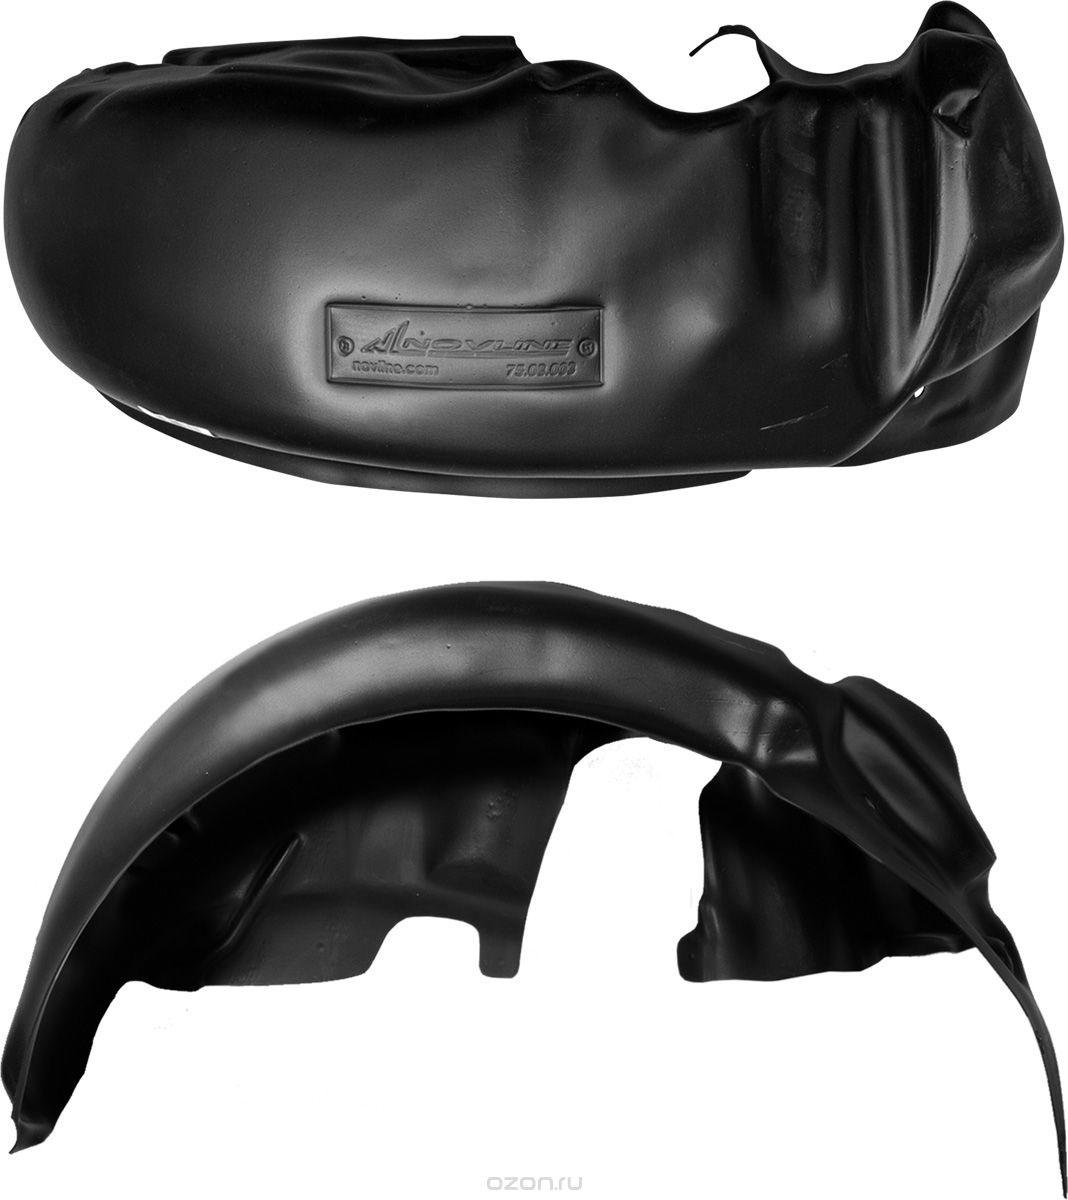 Подкрылок Novline-Autofamily, для RENAULT Sandero Stepway, 11/2014->, хб., передний правыйDW90Идеальная защита колесной ниши. Локеры разработаны с применением цифровых технологий, гарантируют максимальную повторяемость поверхности арки. Изделия устанавливаются без нарушения лакокрасочного покрытия автомобиля, каждый подкрылок комплектуется крепежом. Уважаемые клиенты, обращаем ваше внимание, что фотографии на подкрылки универсальные и не отражают реальную форму изделия. При этом само изделие идет точно под размер указанного автомобиля.